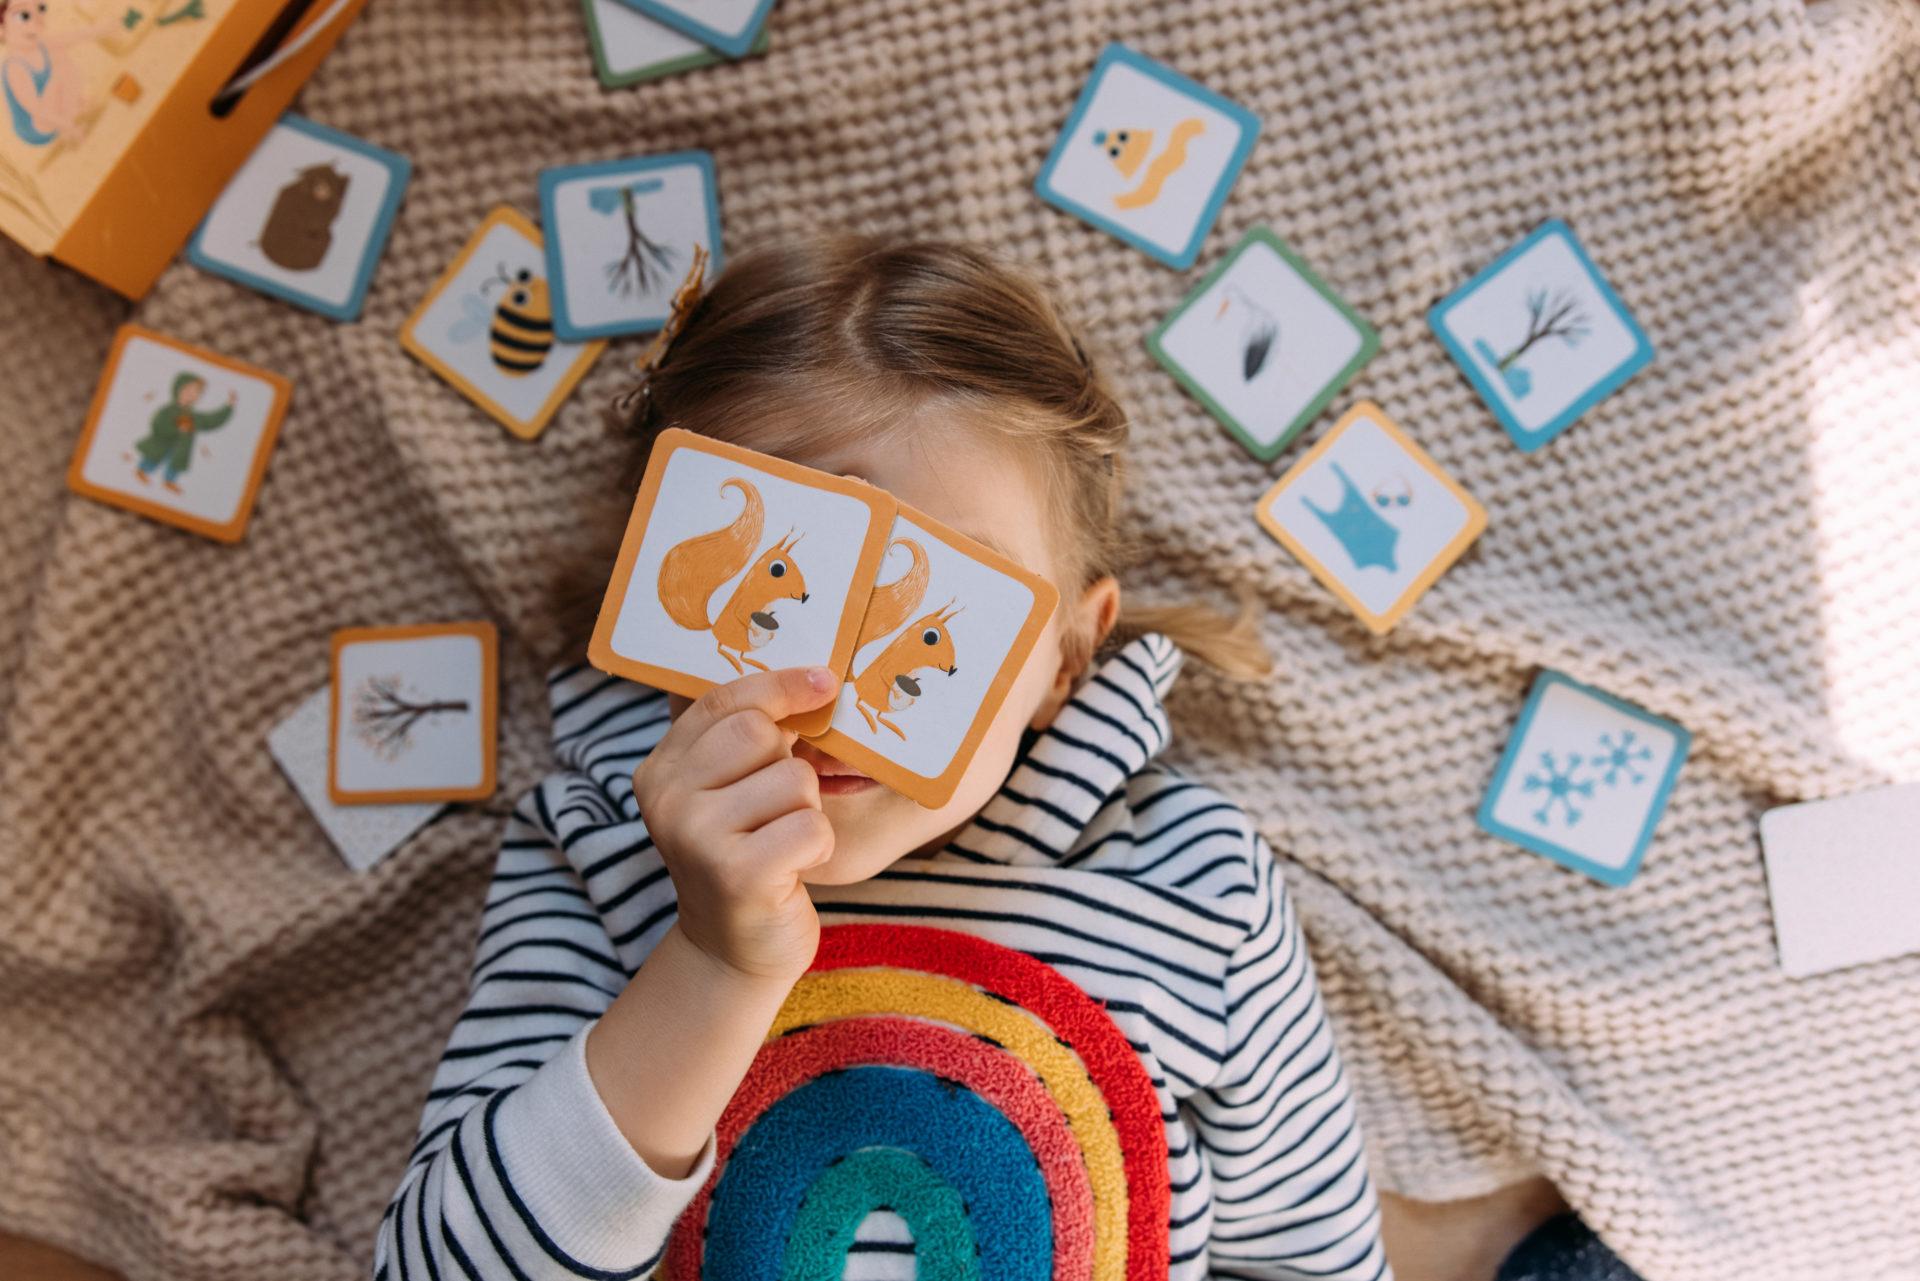 Dziewczynka pokazuje karty gry menory